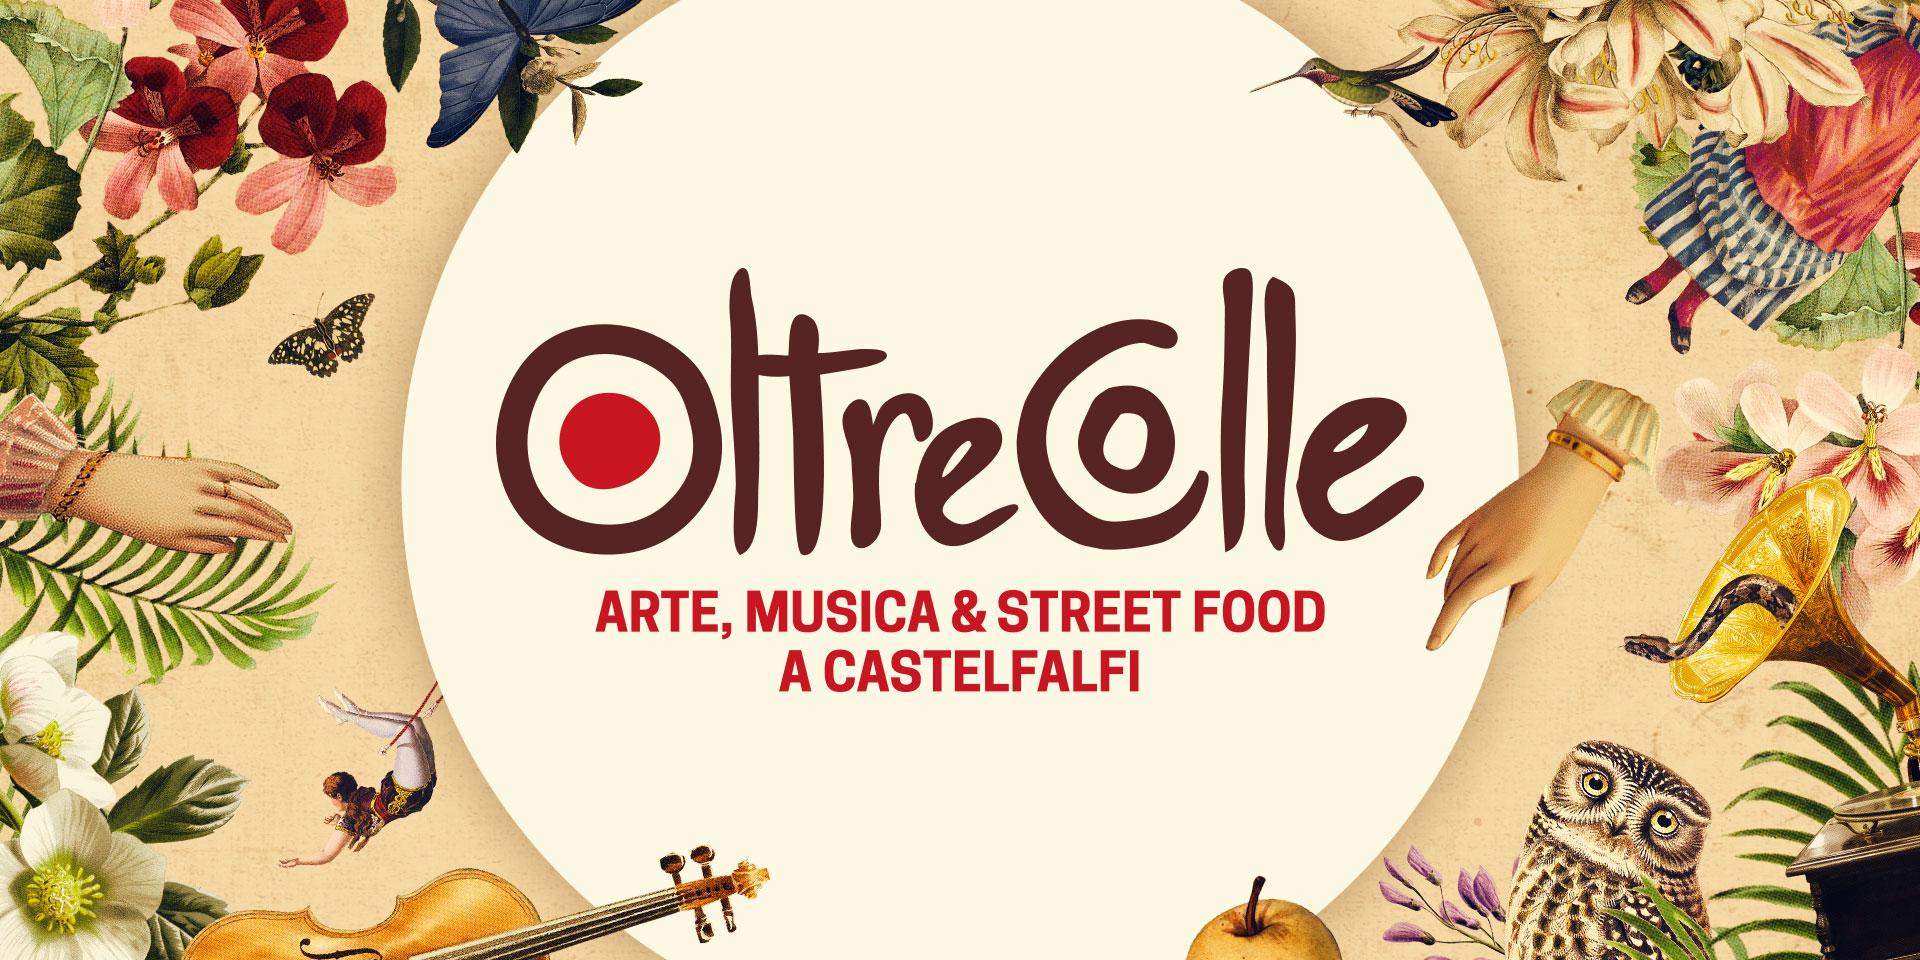 Oltrecollle-Festival-Logo-Header-Zerouno-Design